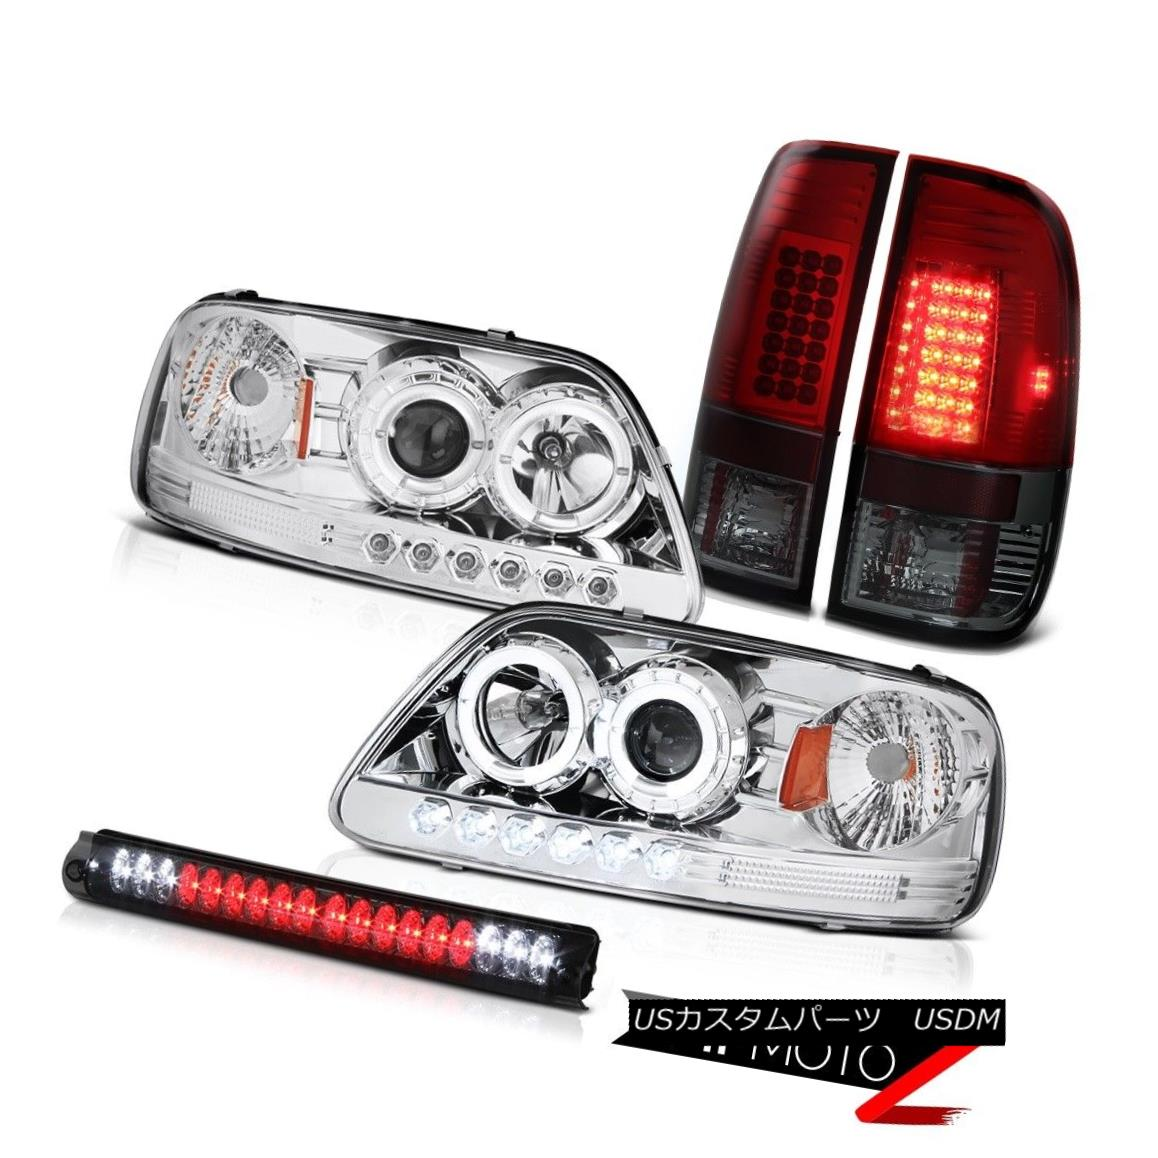 テールライト LED Daytime Headlight 1999 2000 2001 F150 Bulbs Brake Tail Light Smoke 3rd Light LED昼間ヘッドライト1999年2000年2001年F150球根ブレーキテールライトスモーク3ライト